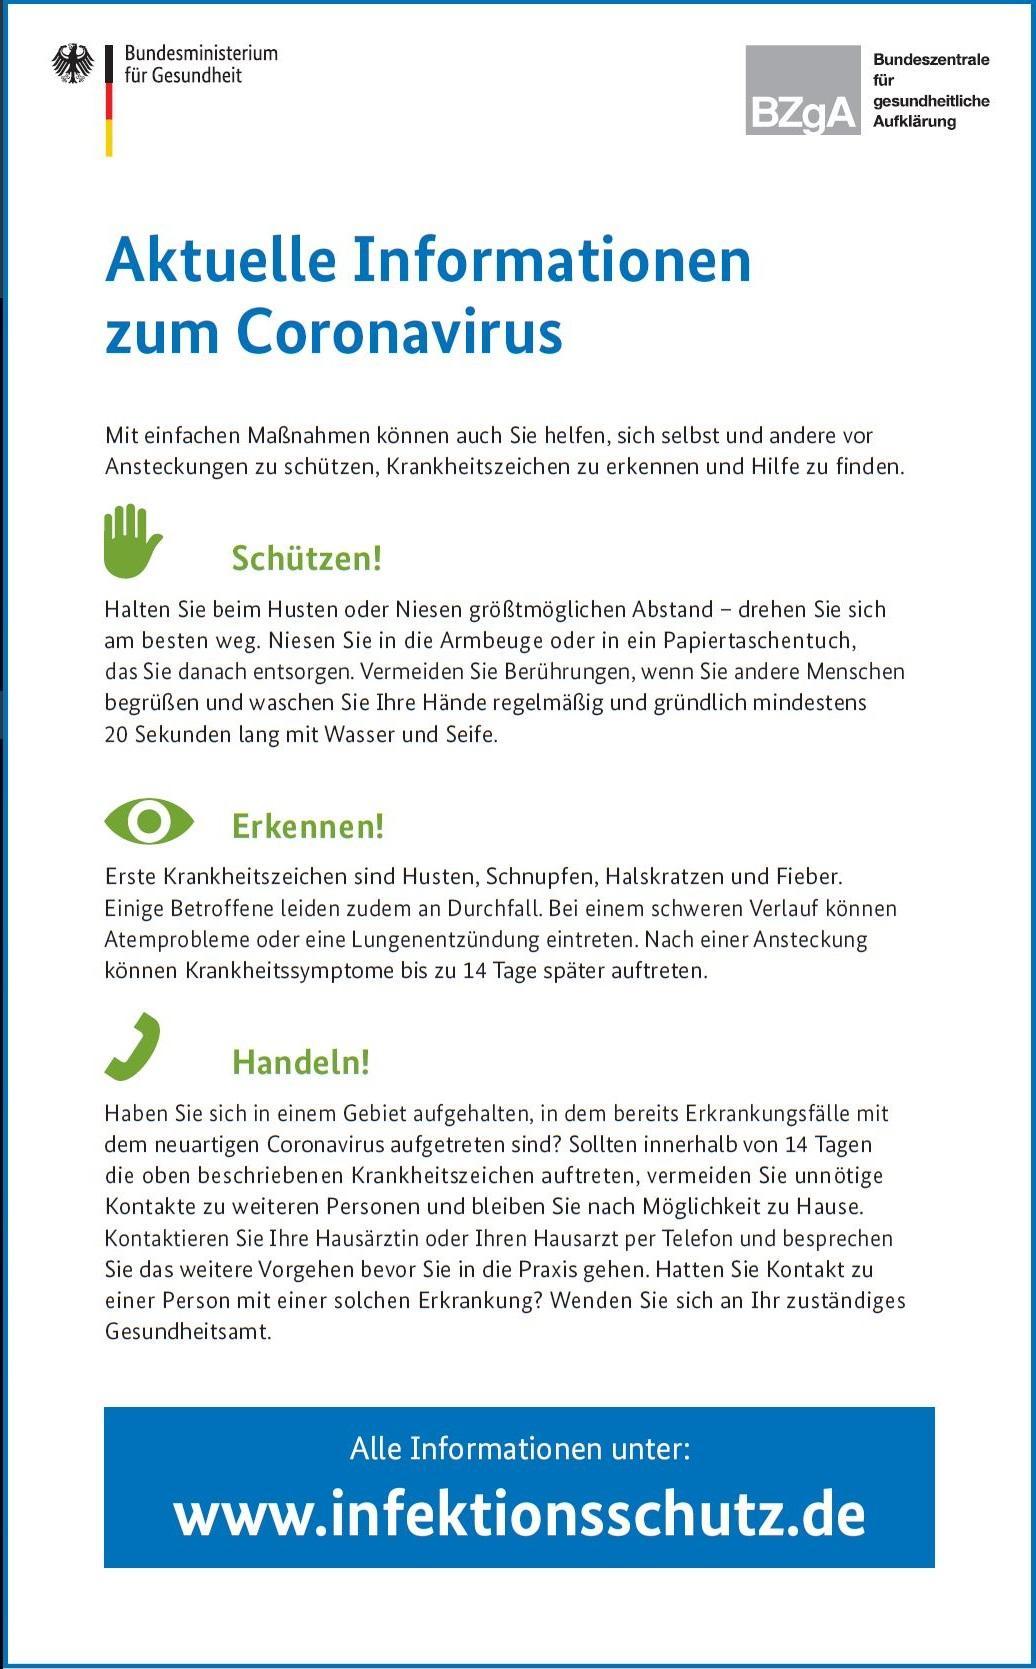 Maßnahmen und Verhalten bei Infektion